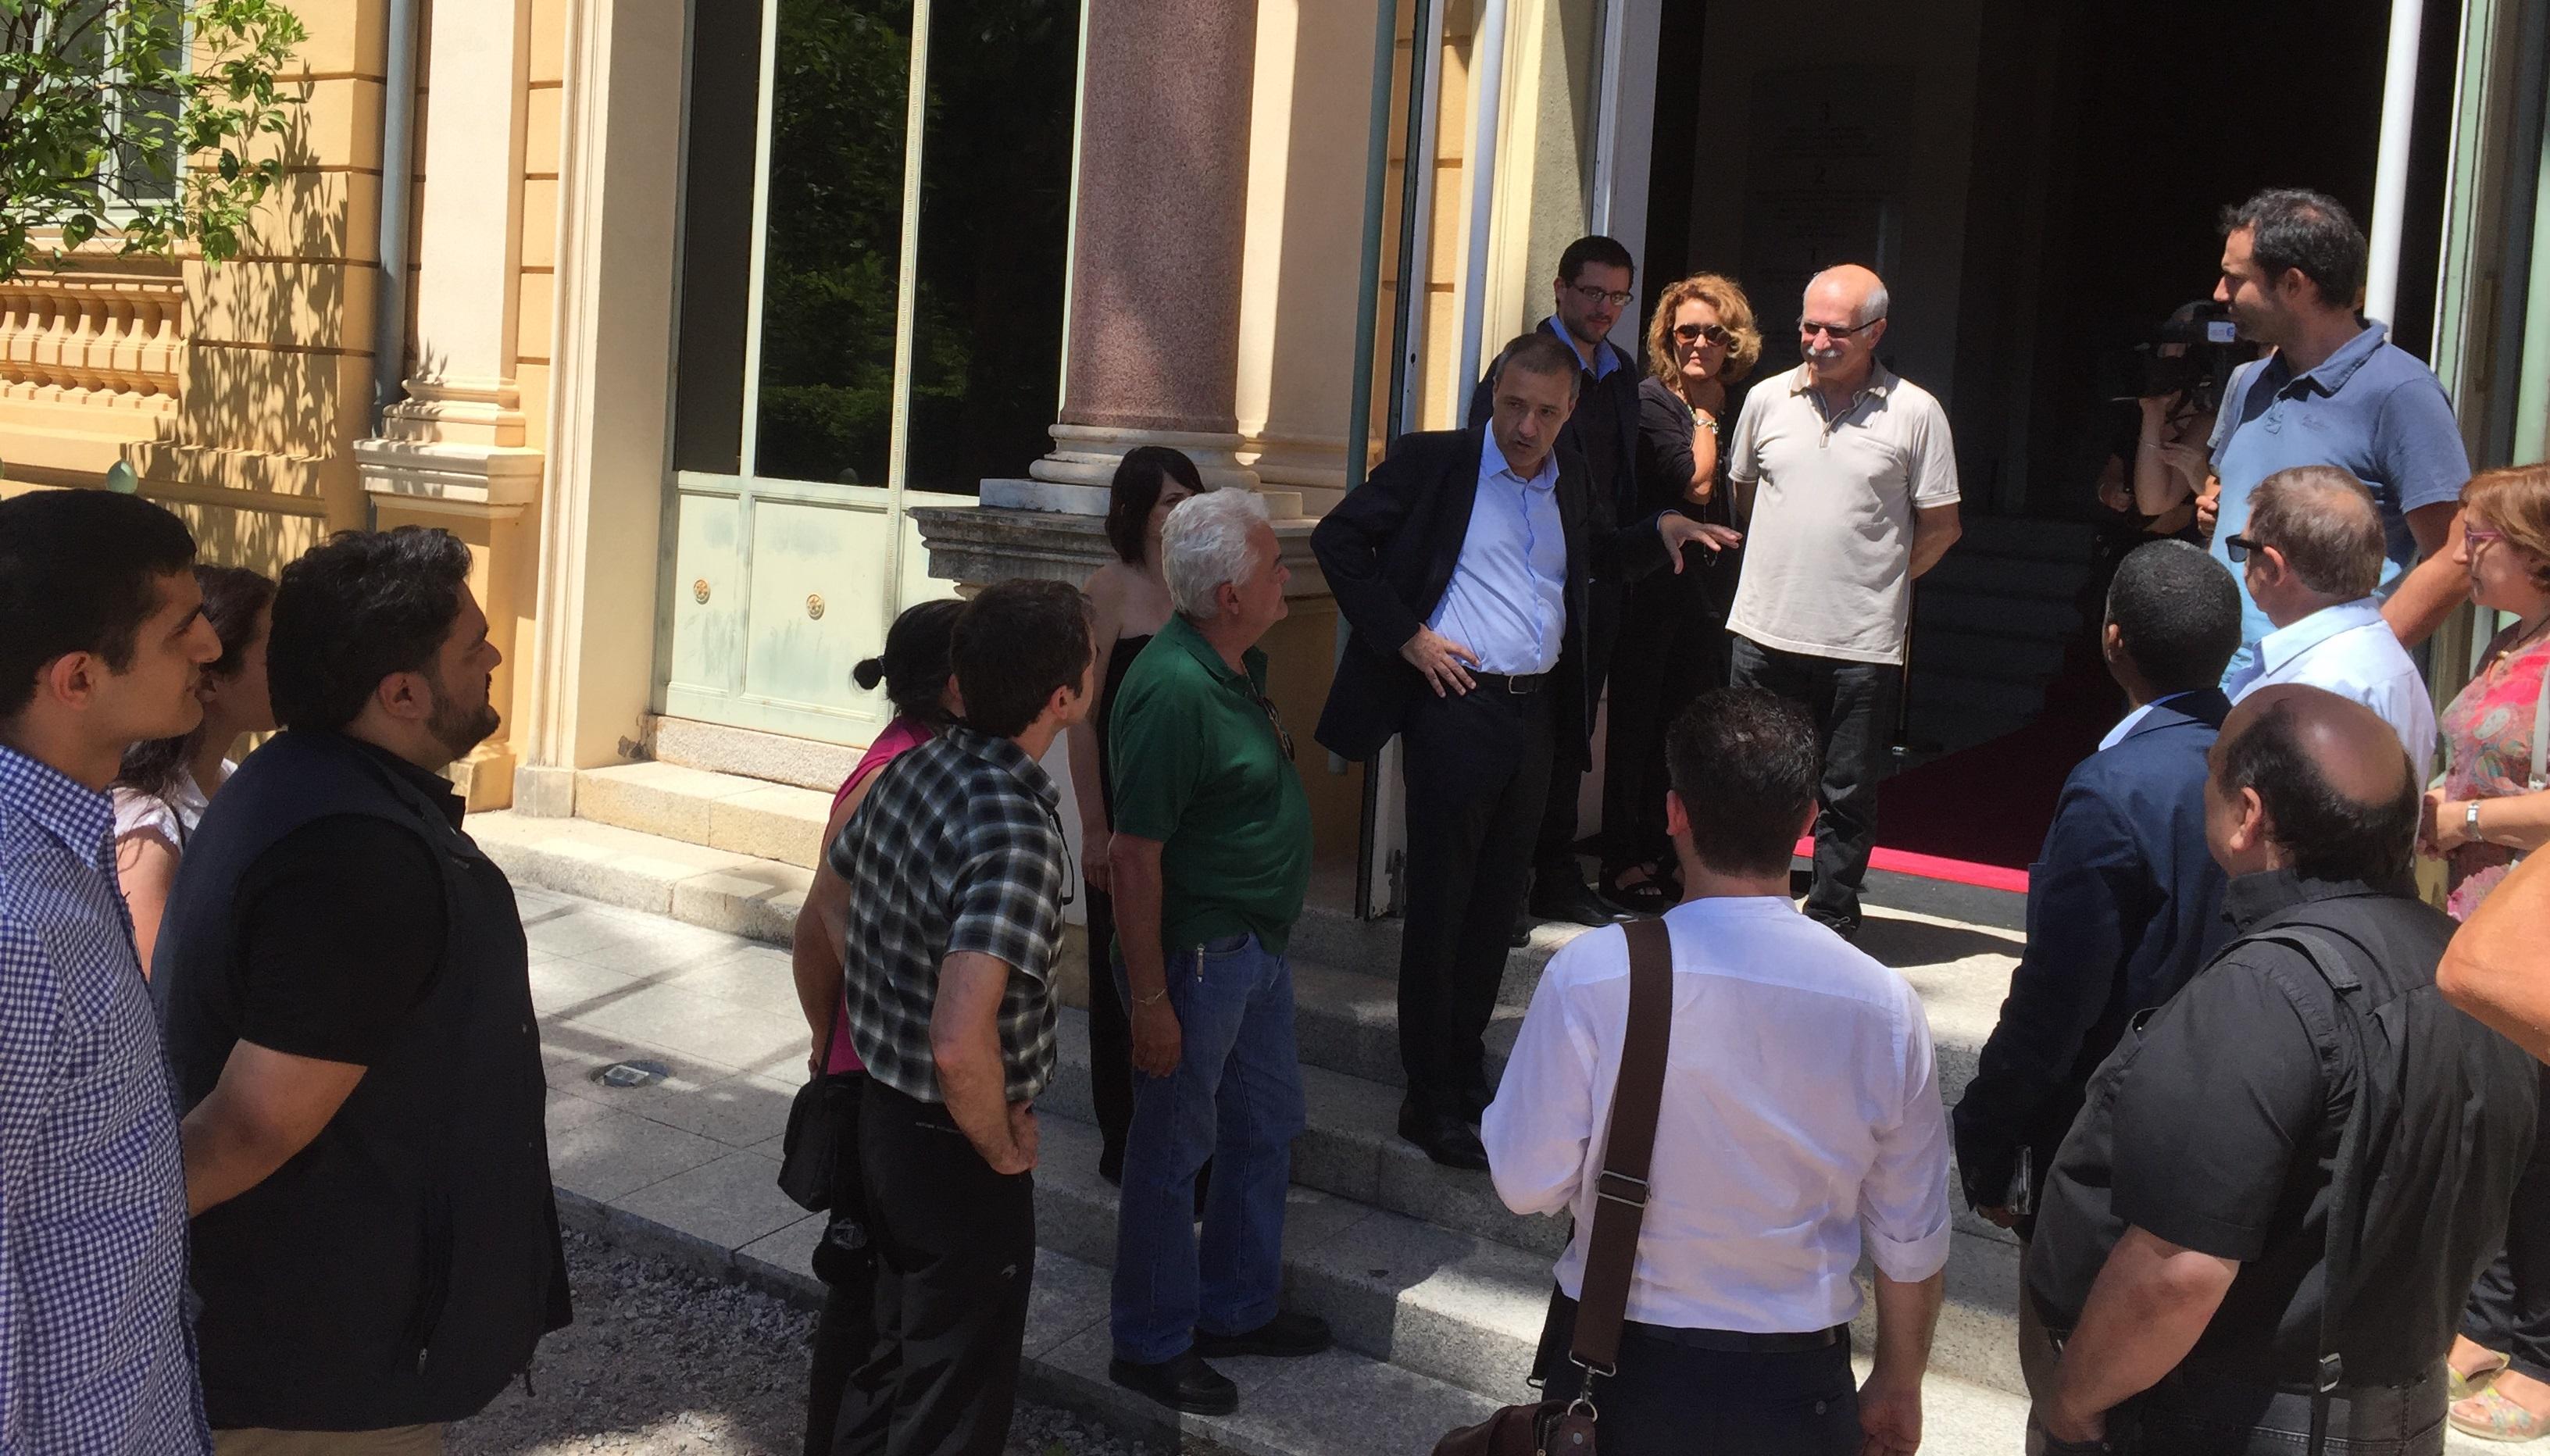 Jean Guy Talamoni, Petr'Antò Tomasi (président groupe Corsica Libera) et Jean Biancucci (président groupe Femu a Corsica), accompagnés d'élus de la majorité, accueillent les délégations à la porte de l'Assemblée.